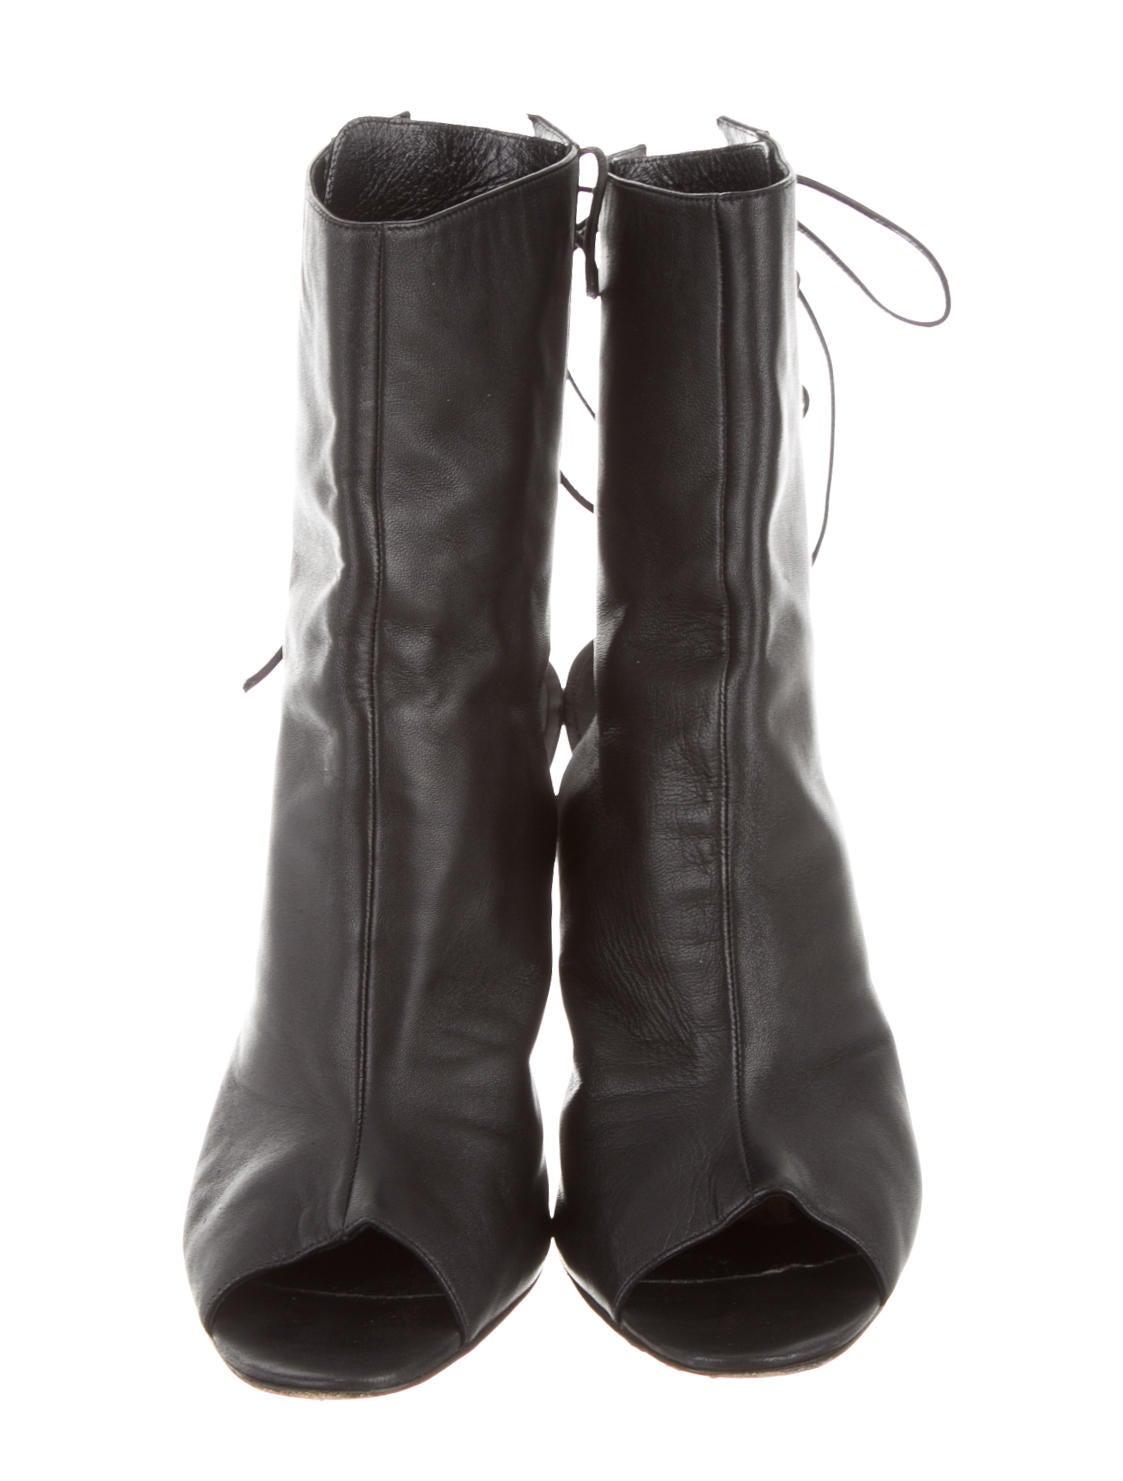 Manolo Blahnik Peep-Toe Ankle Boots - Shoes - MOO38302 ...